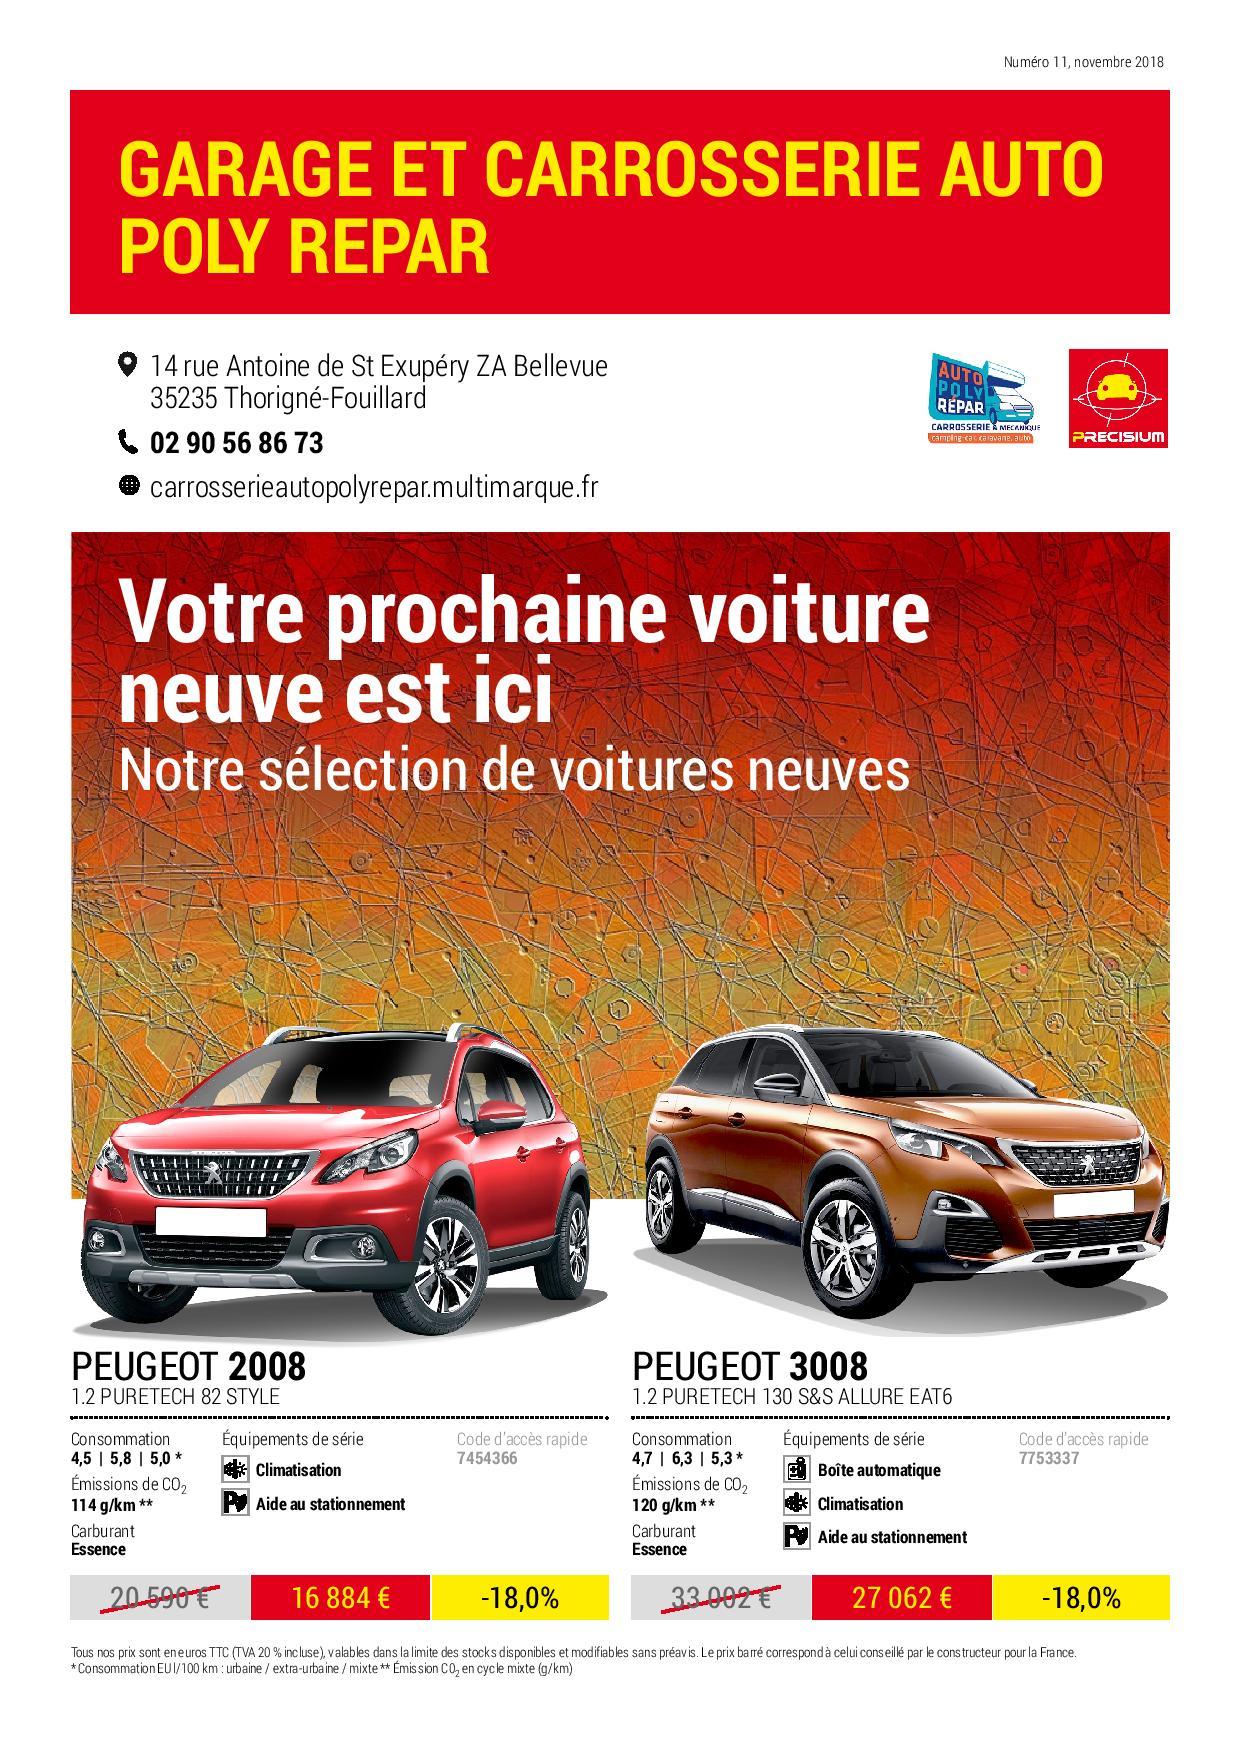 vente de véhicules neuf